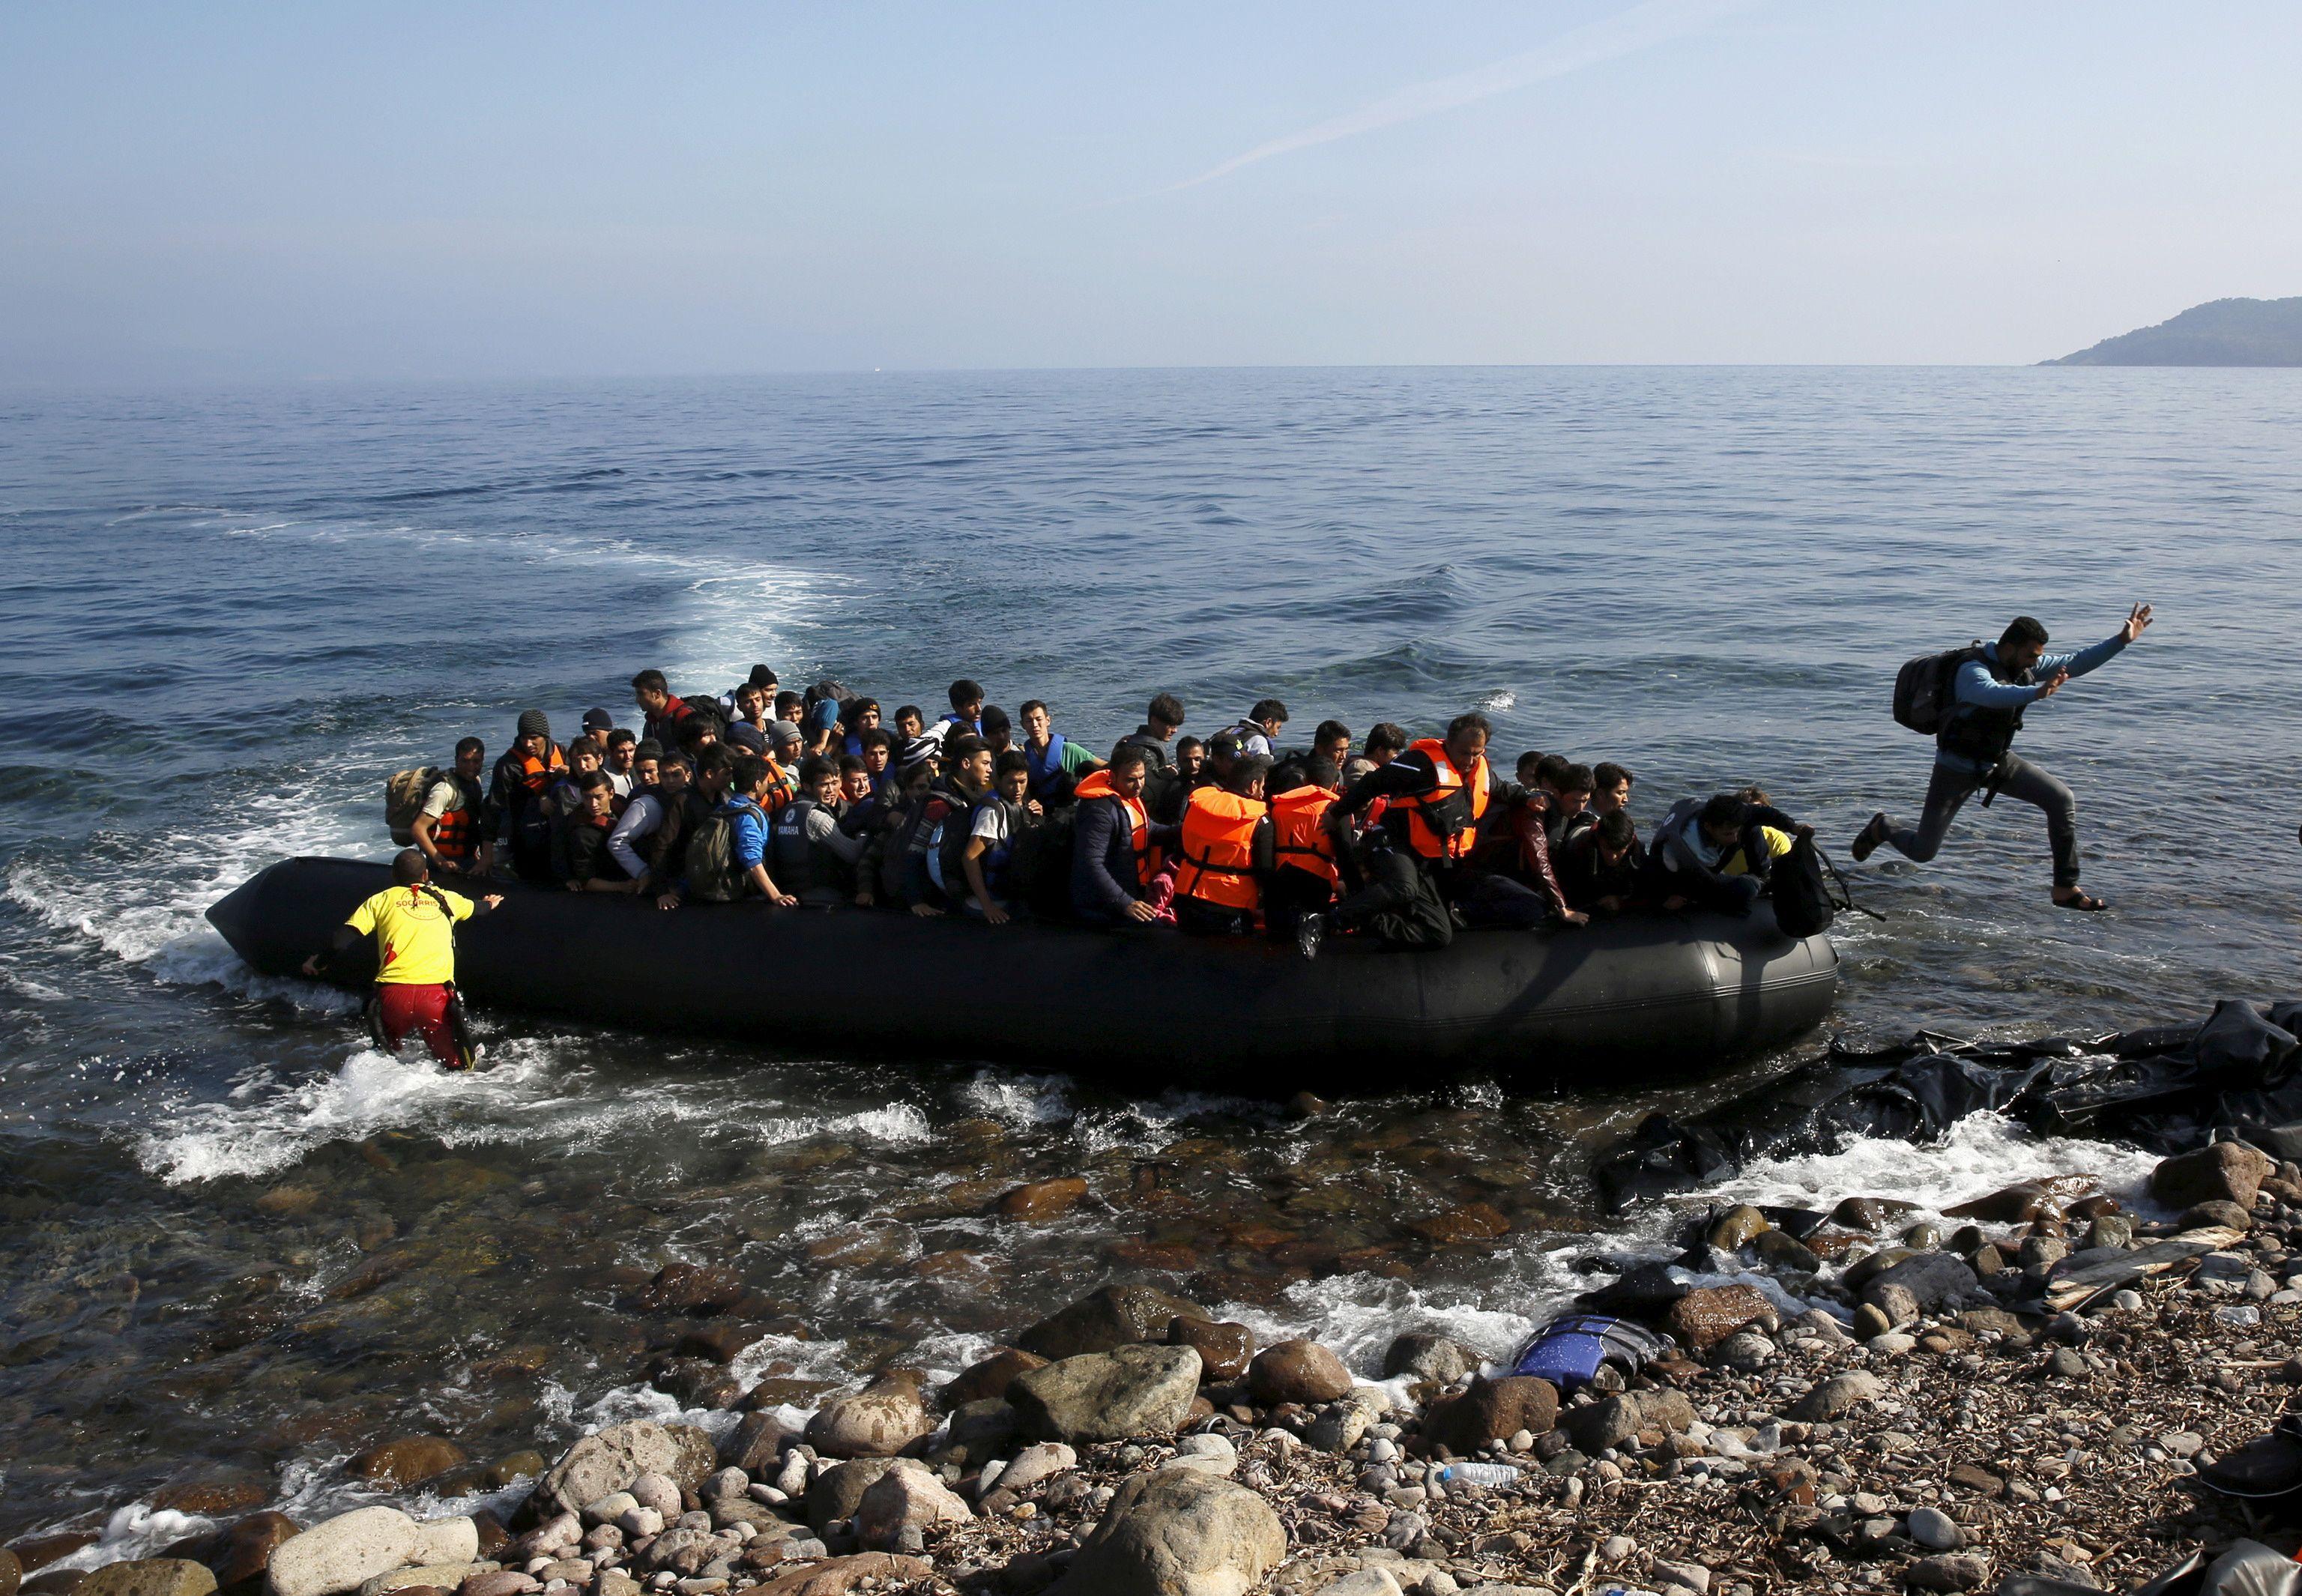 مهاجر أفغاني يقفز على طوف مكتظ على شاطئ في جزيرة ليسبوس اليونانية